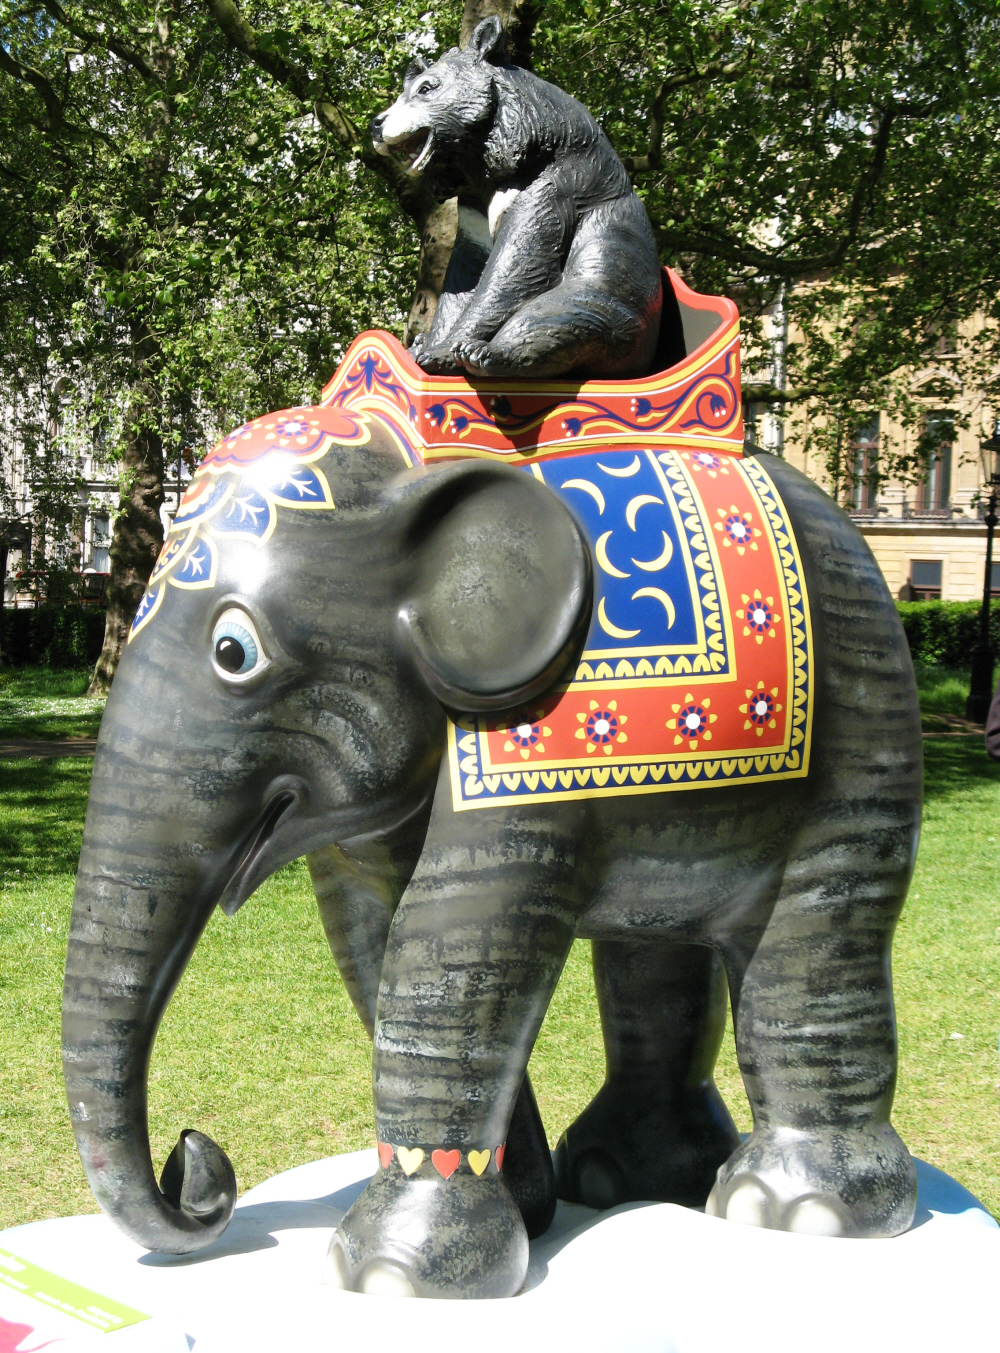 Elephant Parage - Hope of Freedom